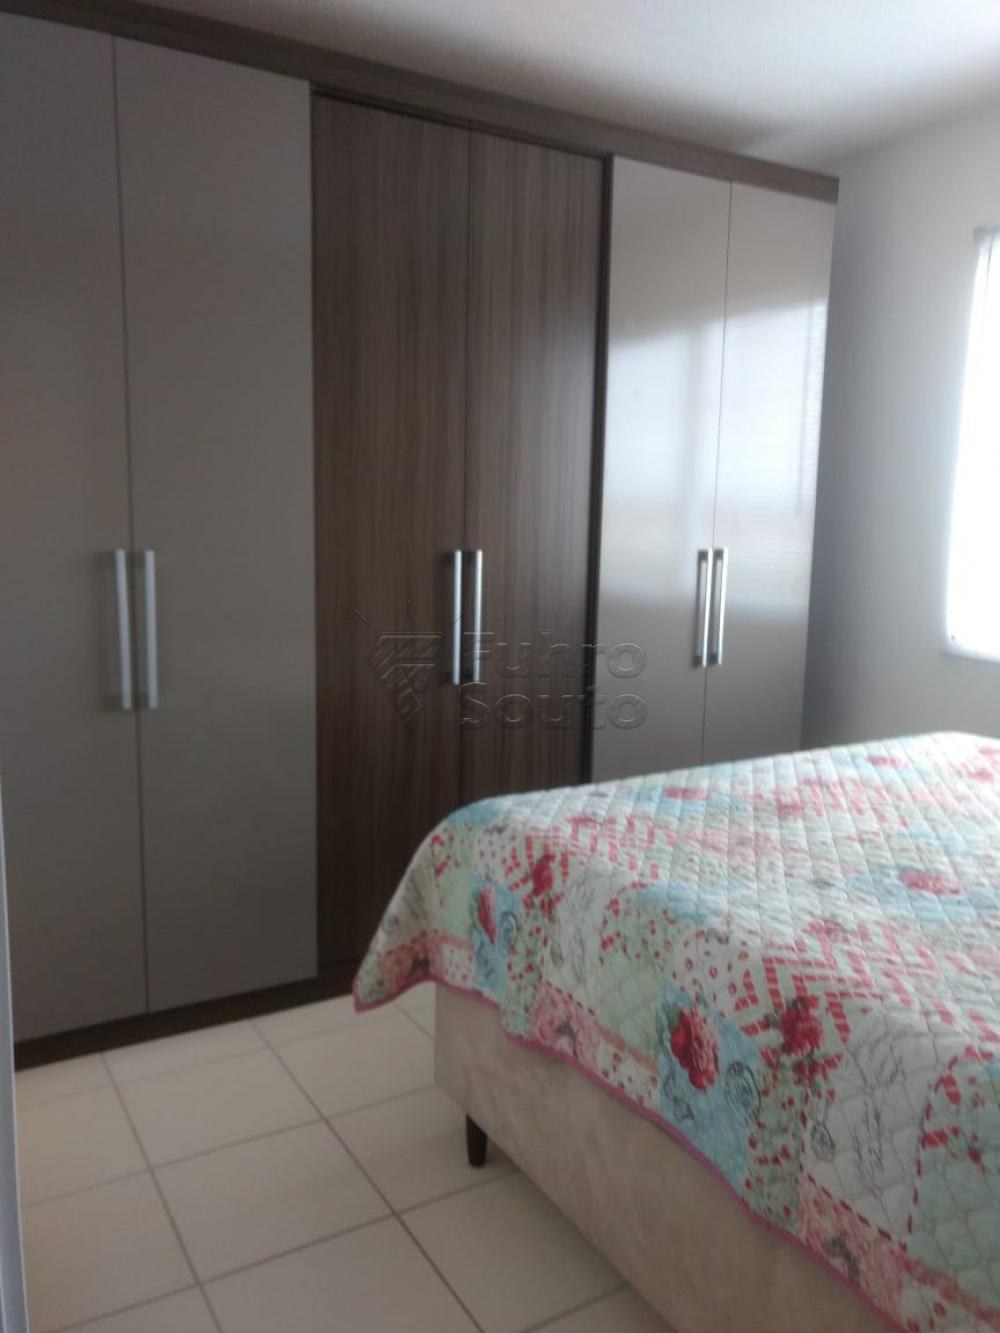 Comprar Apartamento / Padrão em Pelotas R$ 130.000,00 - Foto 11